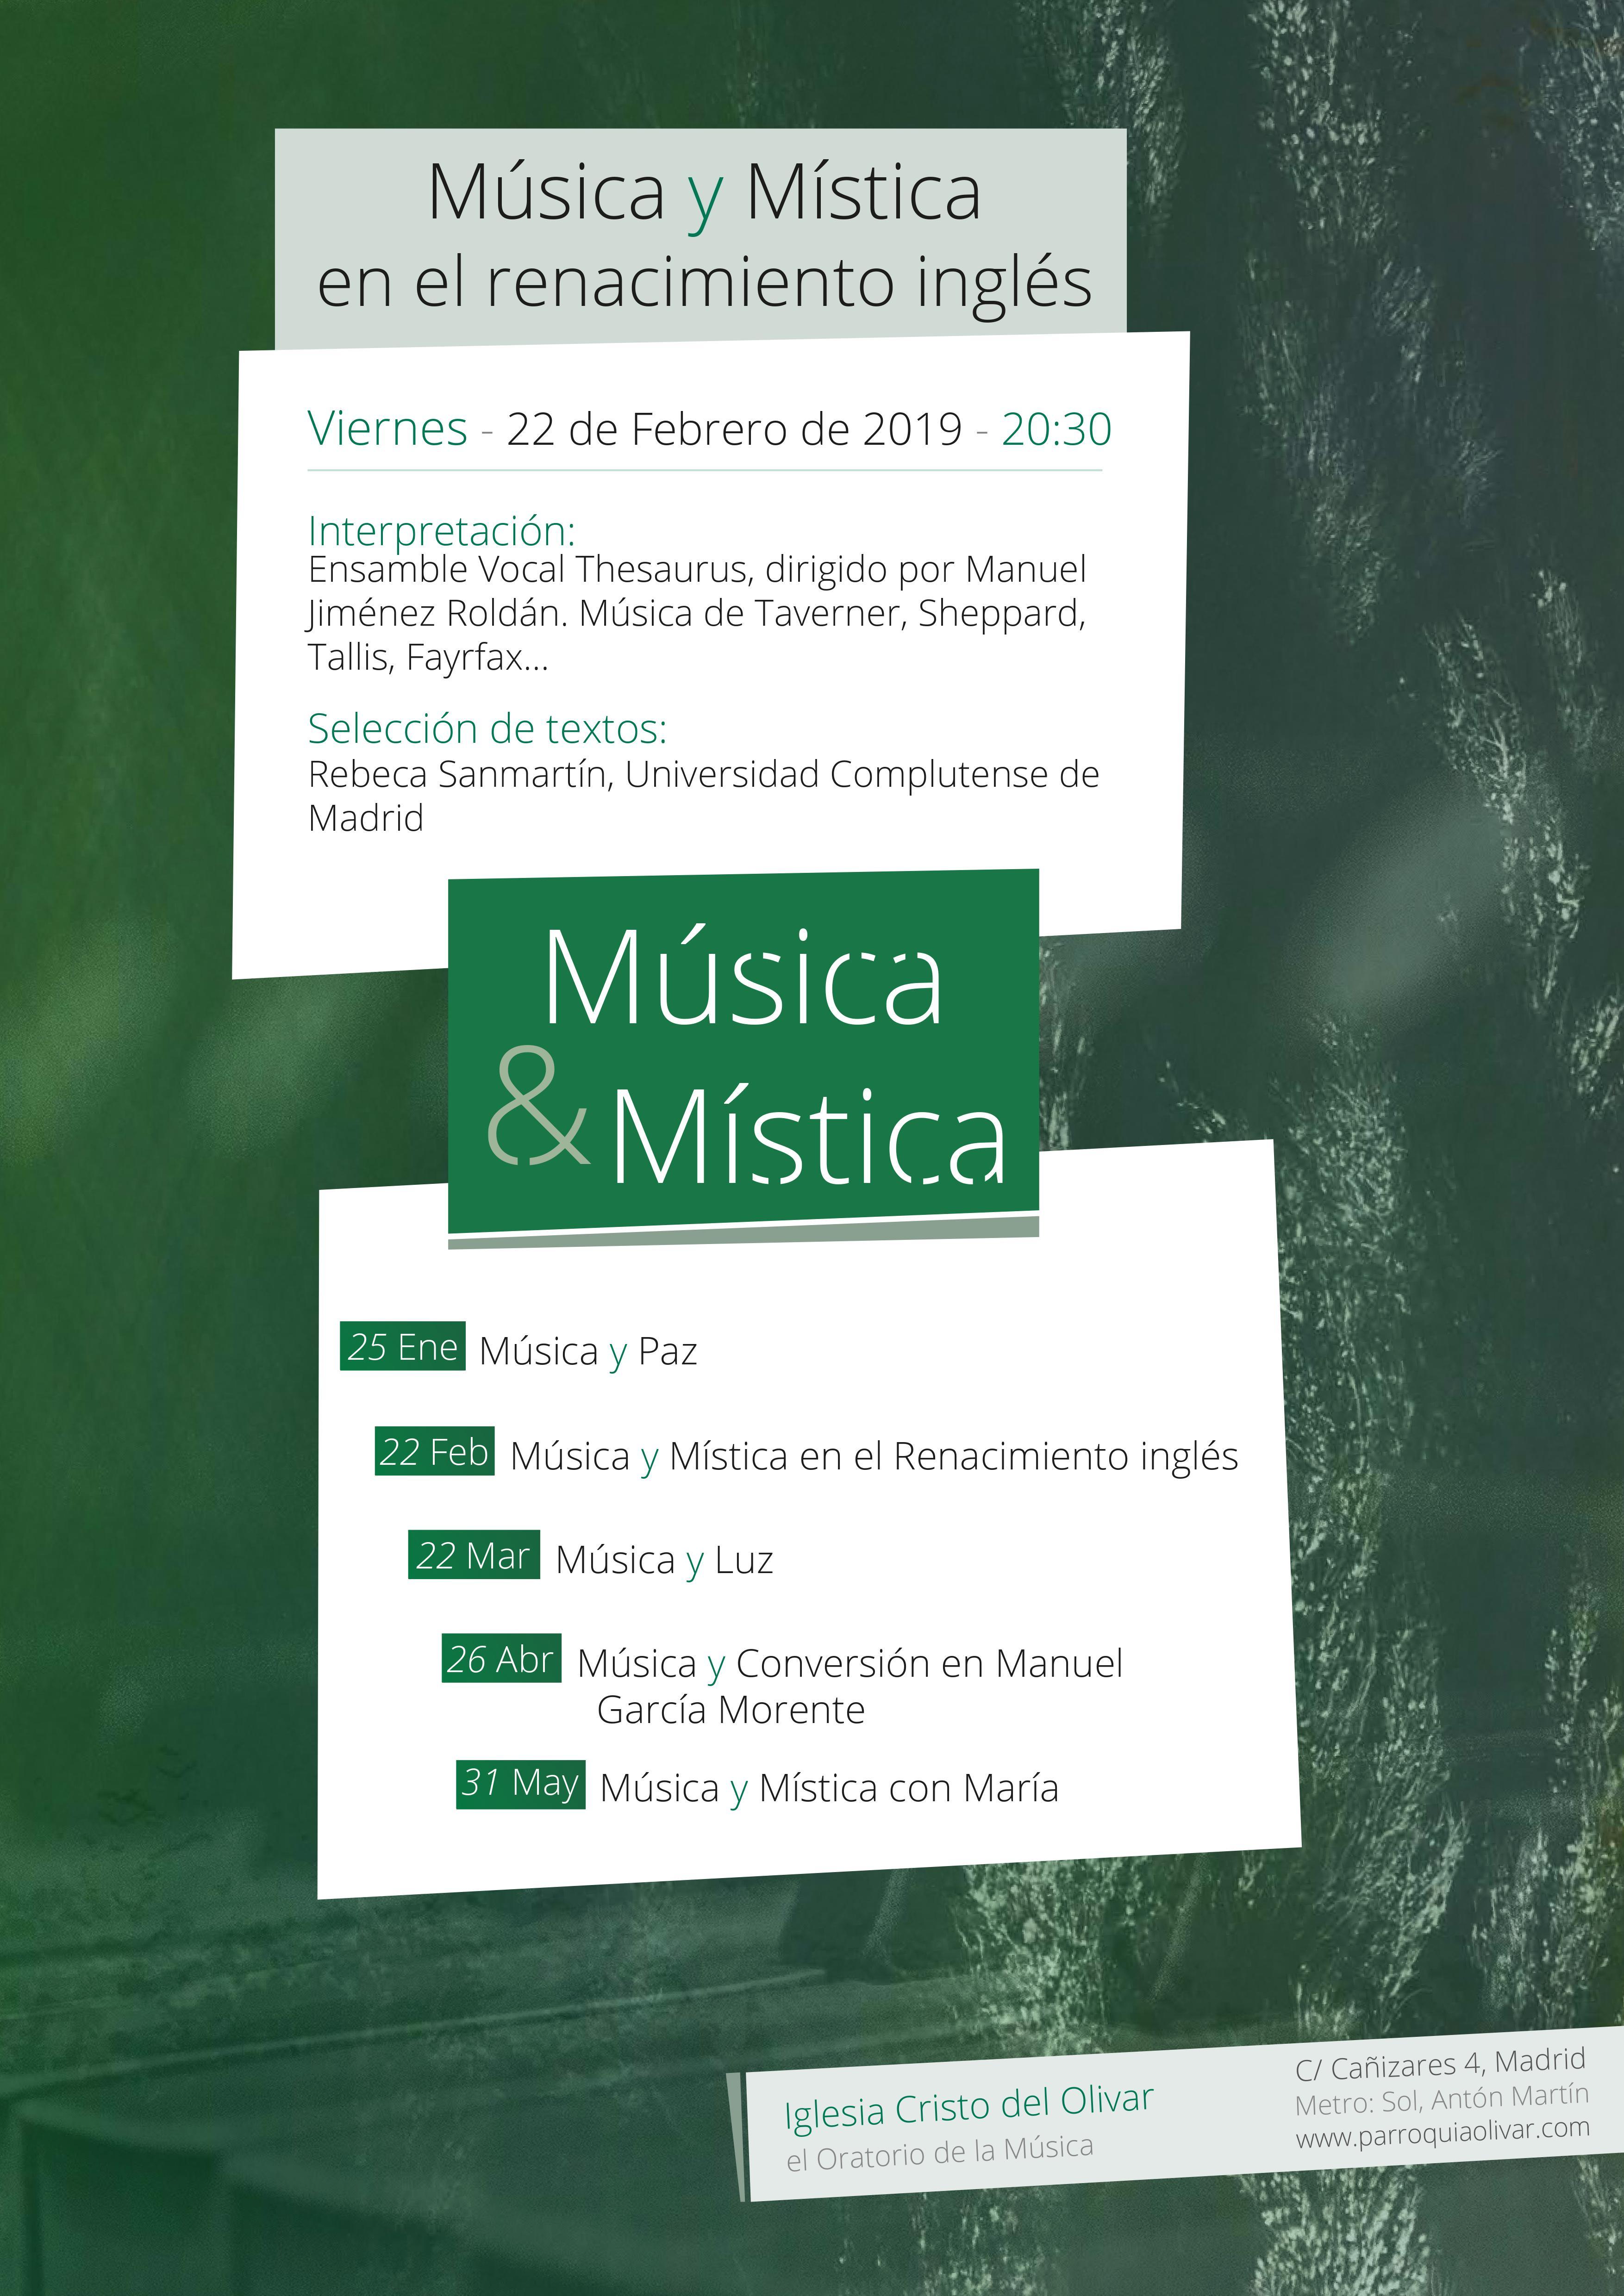 Música y Mística en el renacimiento inglés